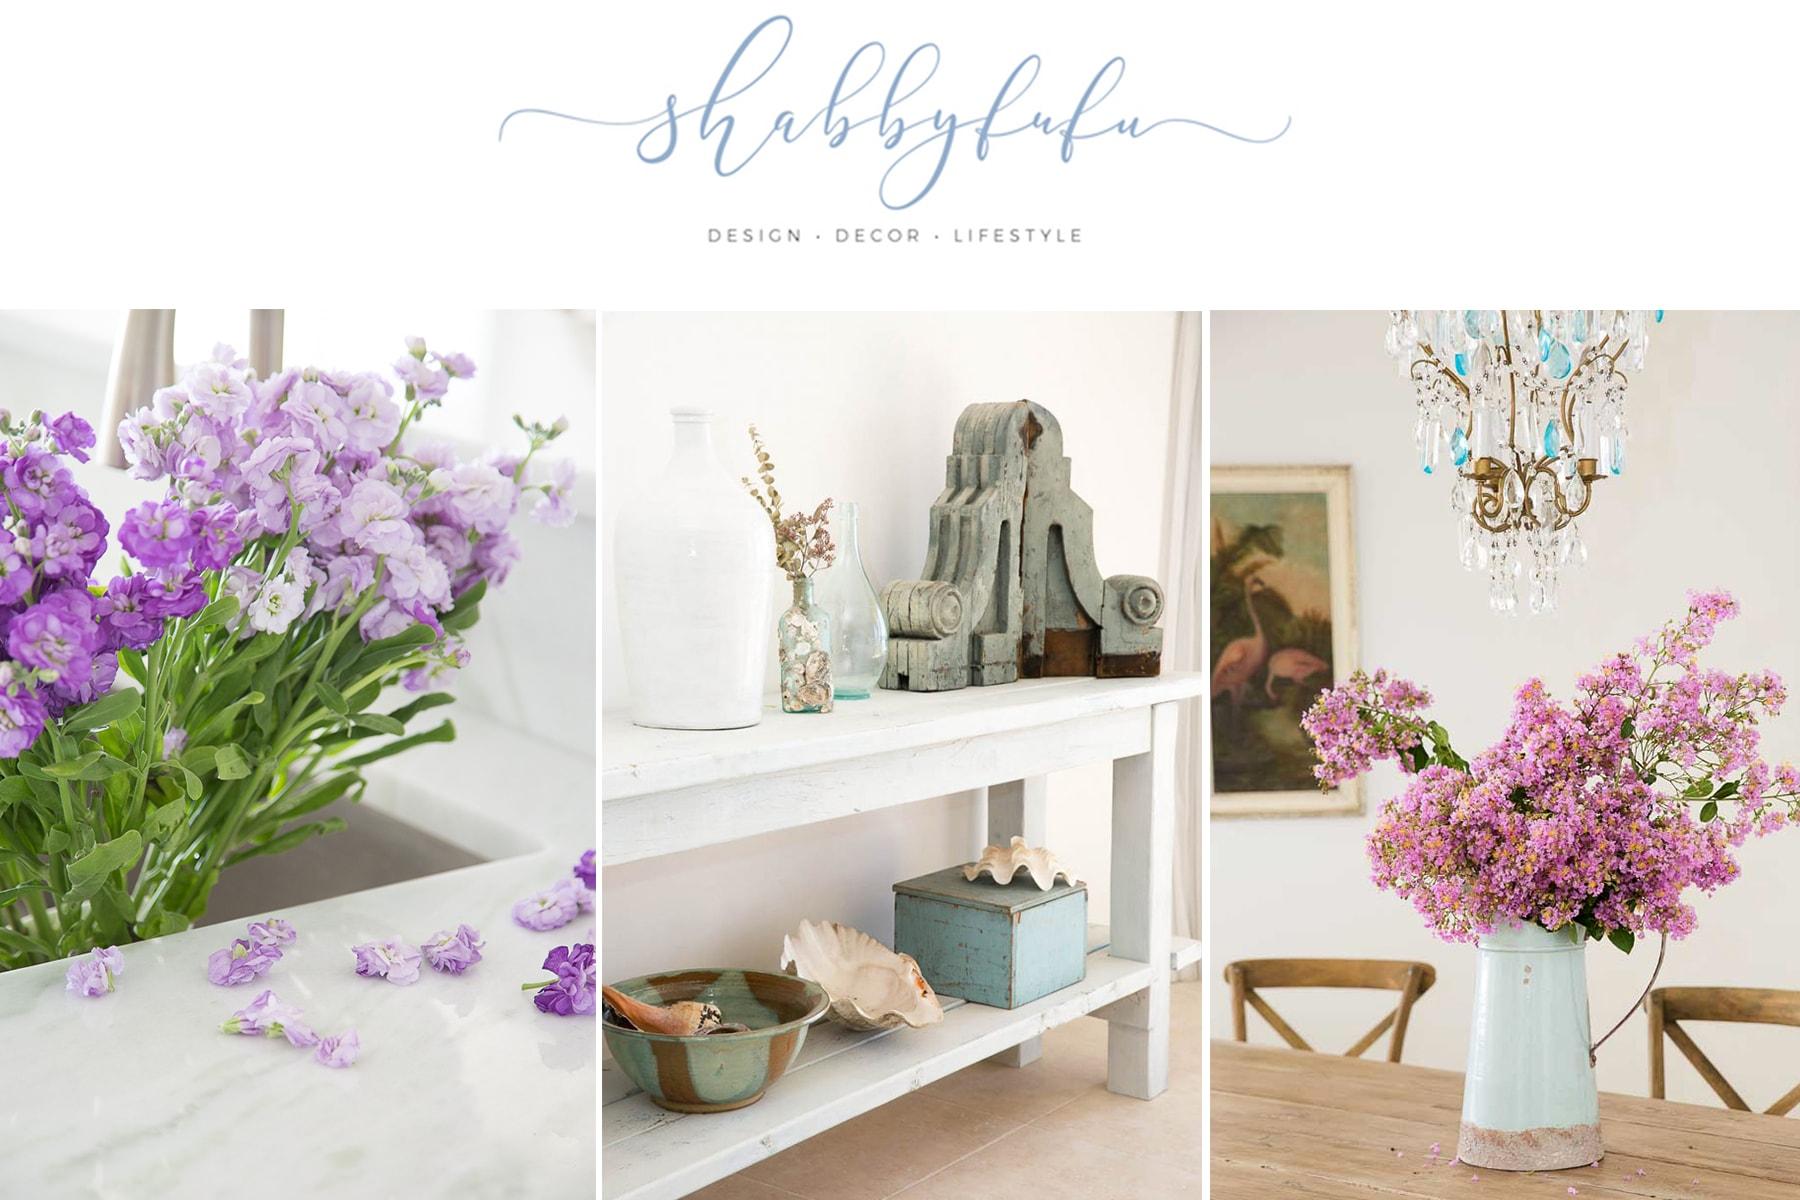 Style Showcase 21 Shabbyfufu